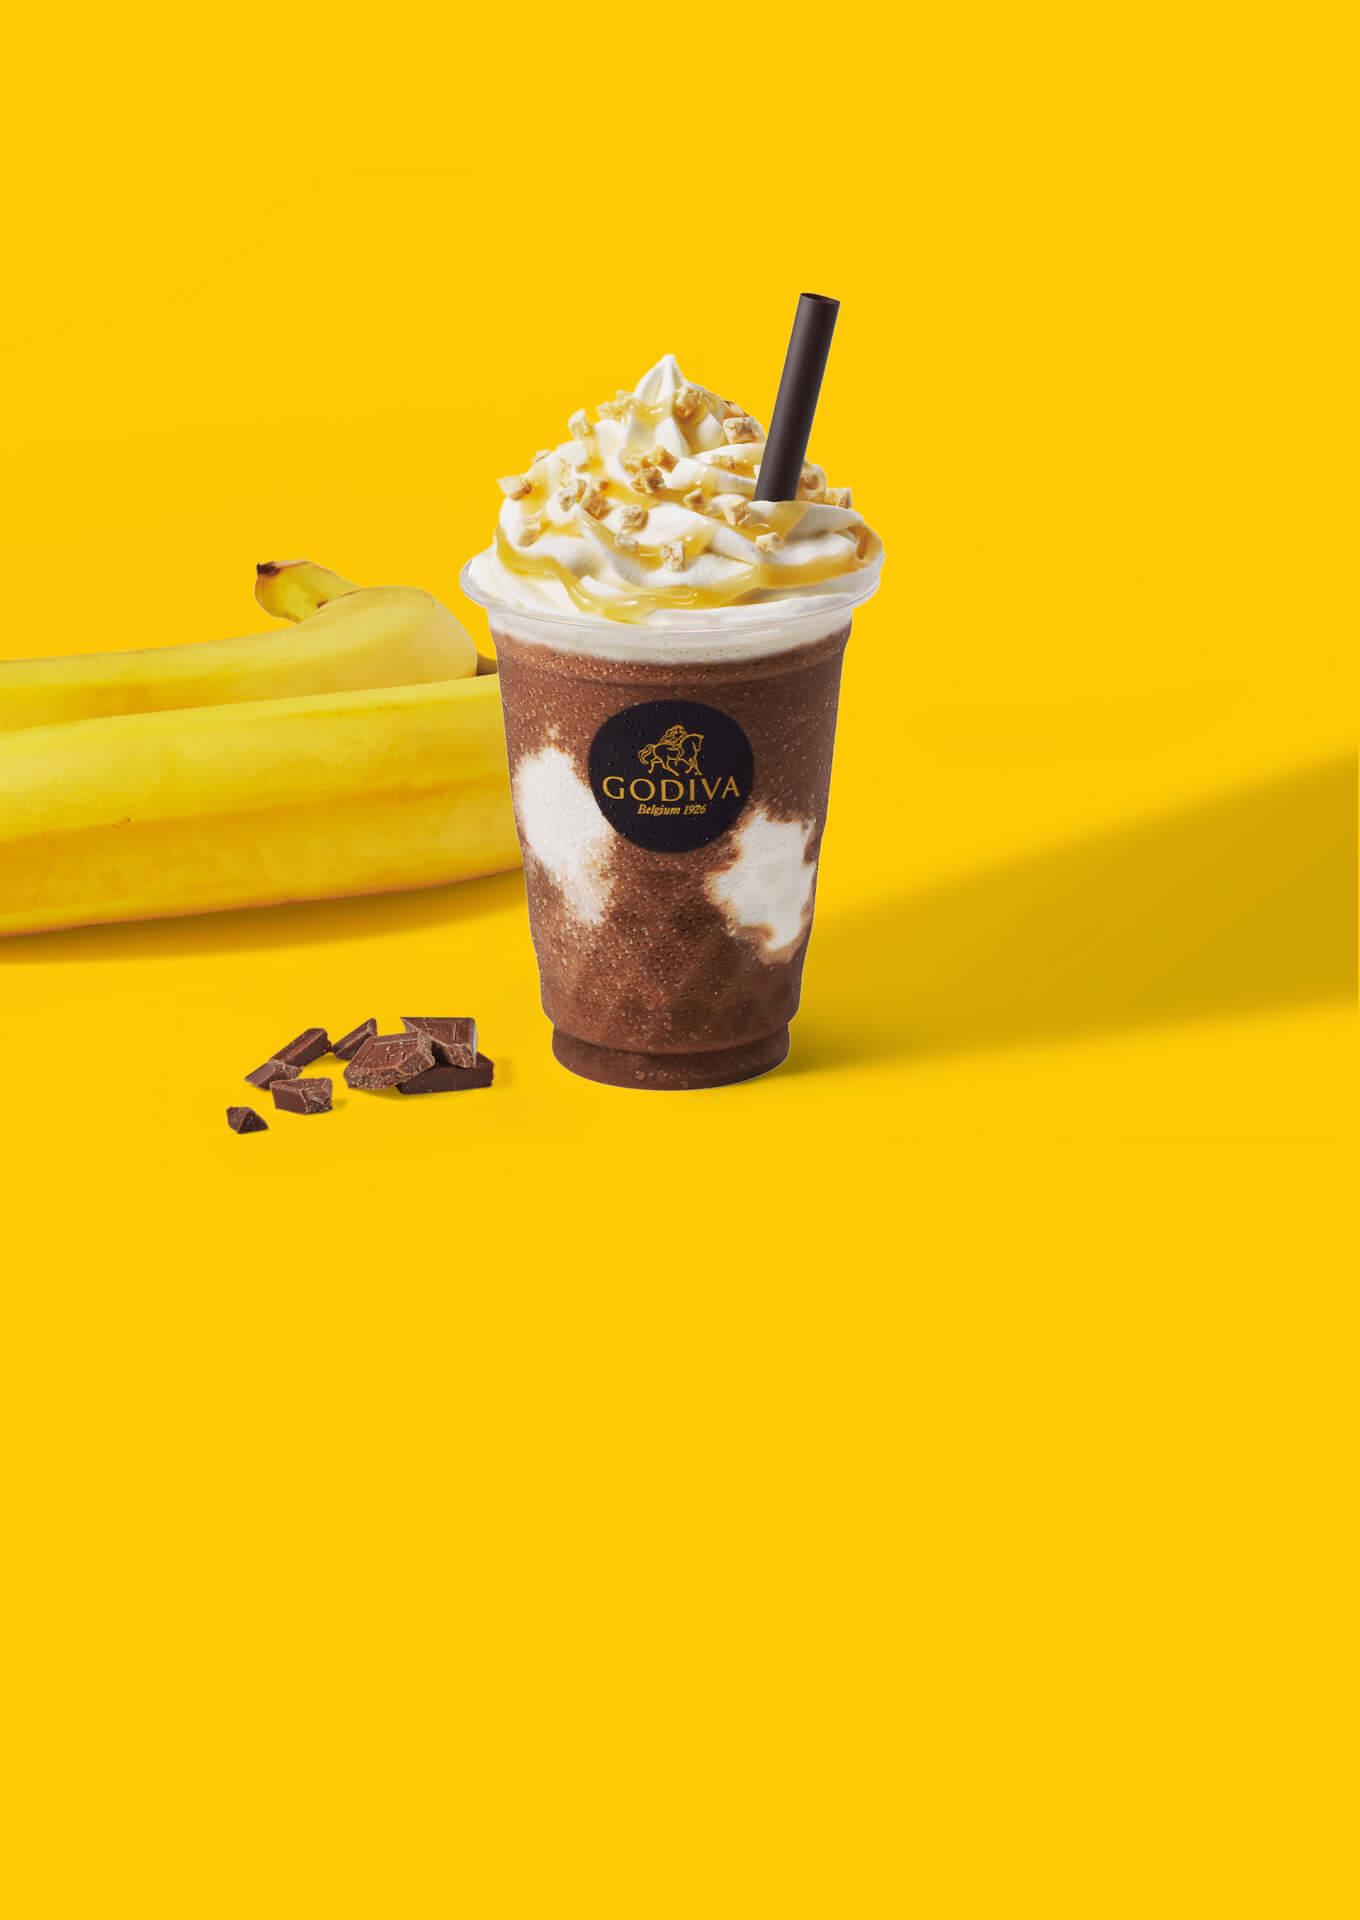 ゴディバのショコリキサー&ソフトクリームに定番「チョコバナナ」のフレーバーが登場! gourmet210720_godiva_banana_1